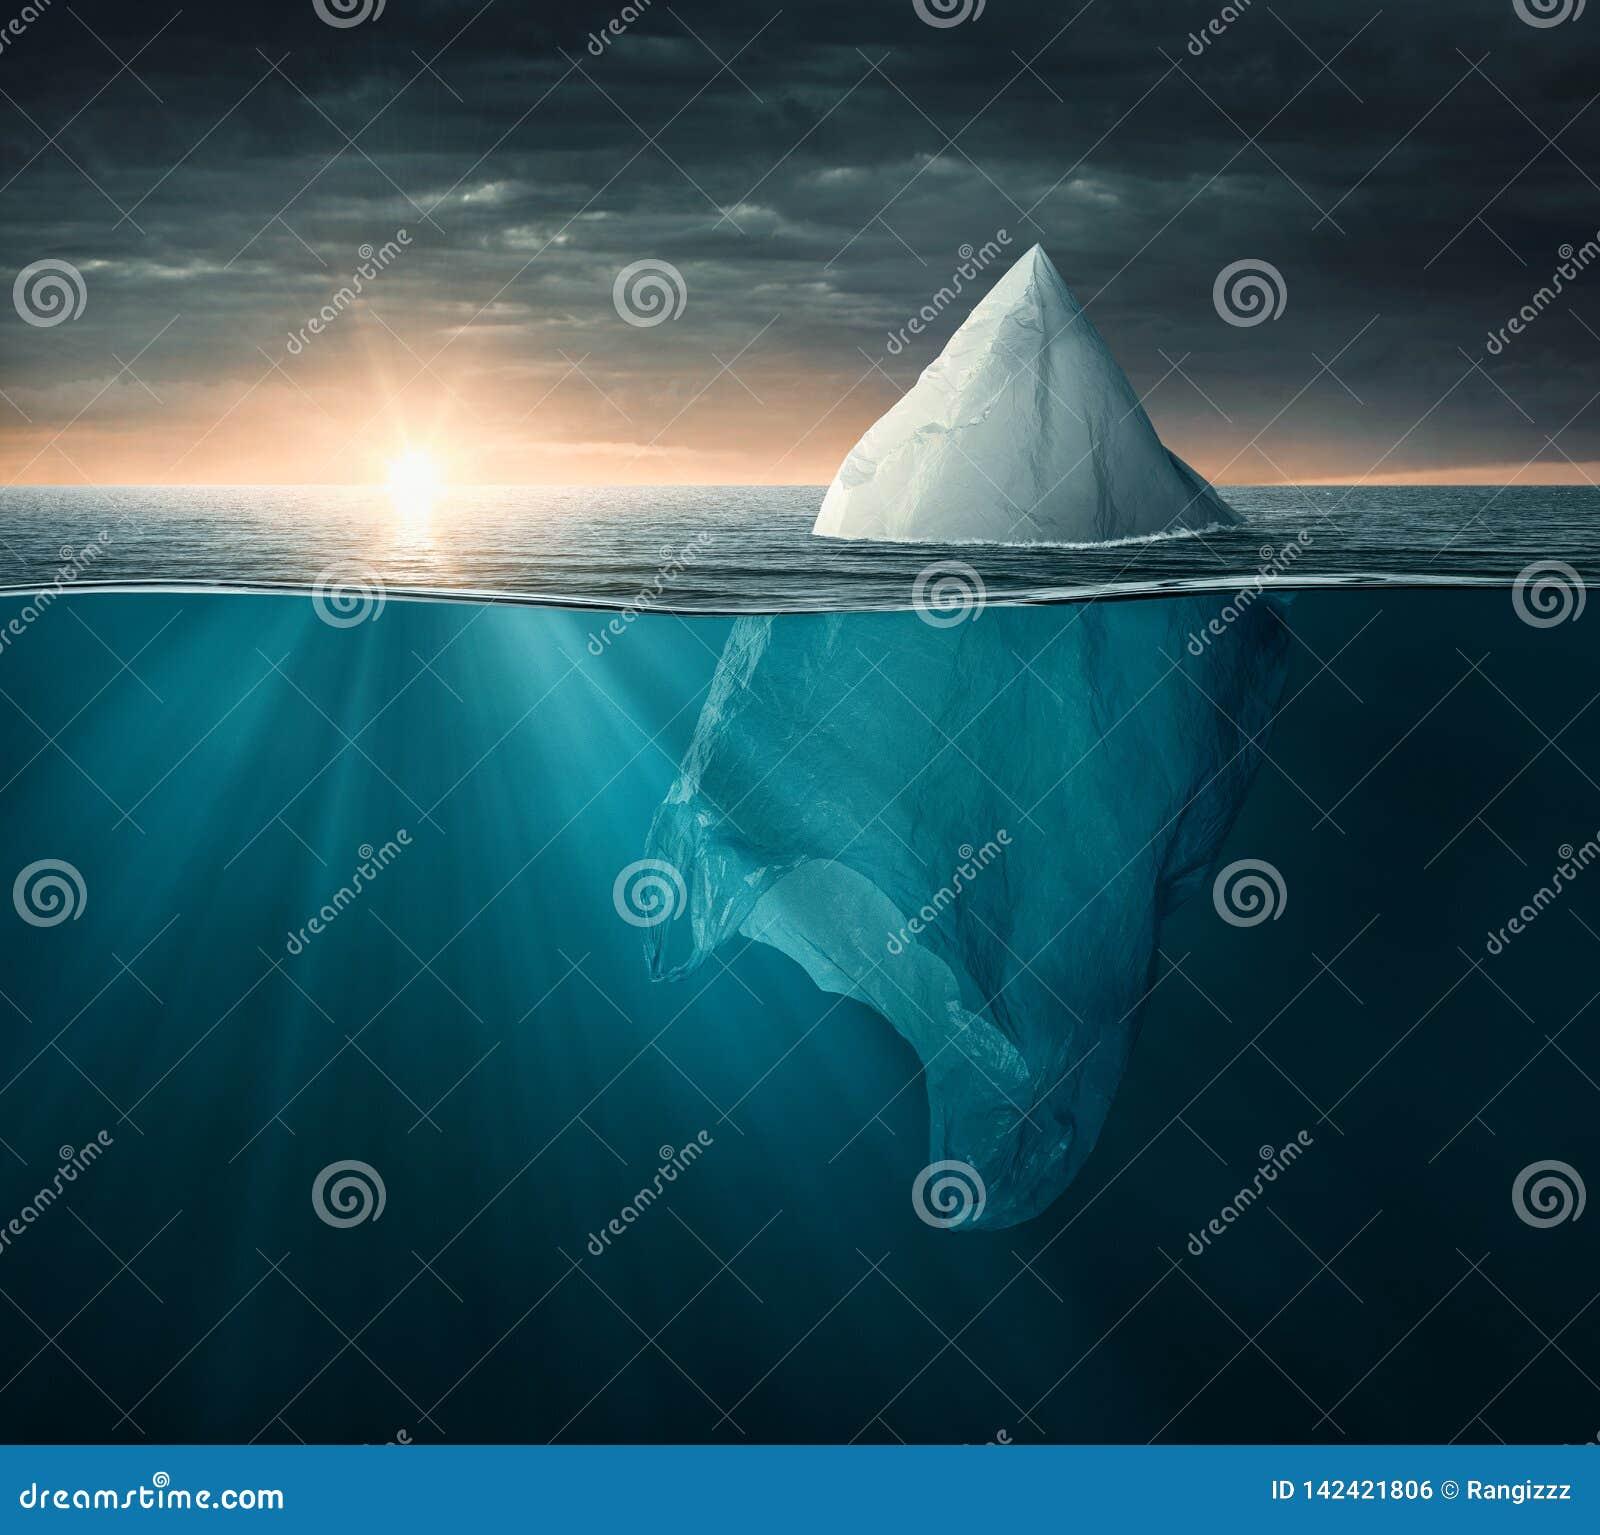 Plastiktasche im Ozean, der wie ein Eisberg aussieht